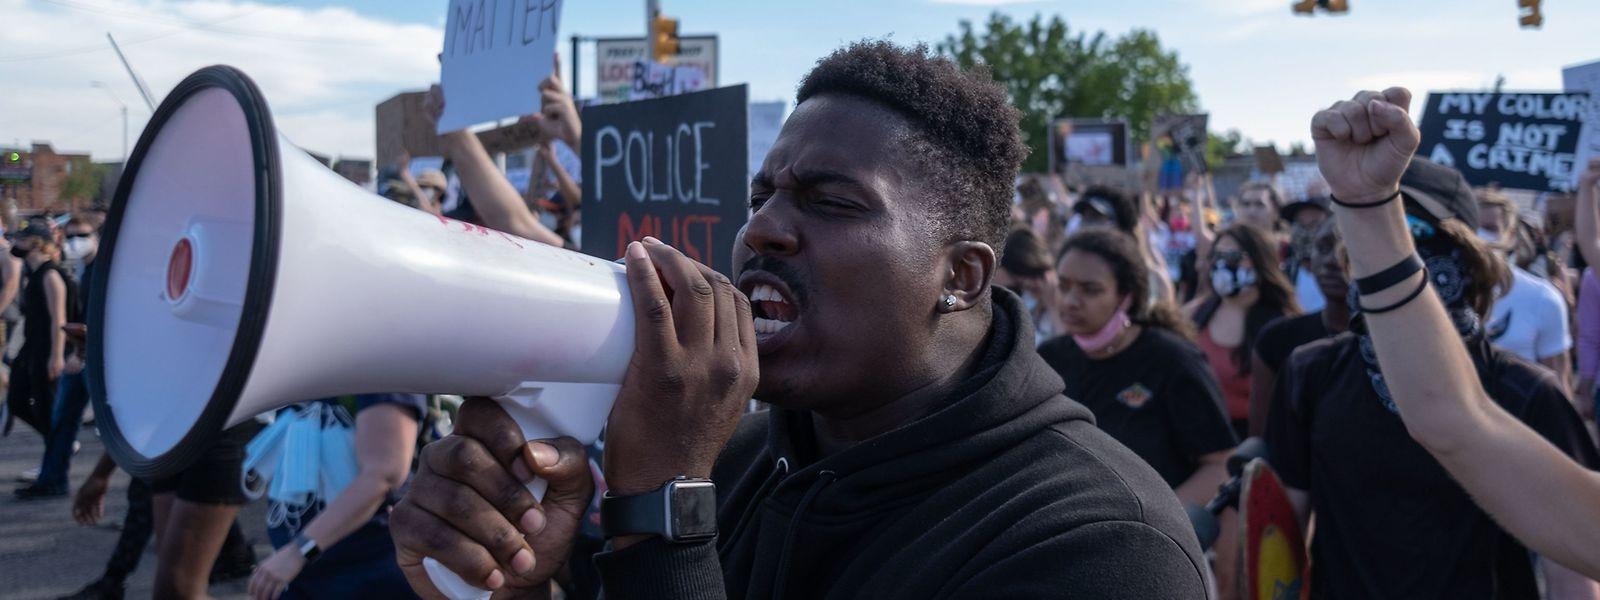 Demonstranten in den USA.